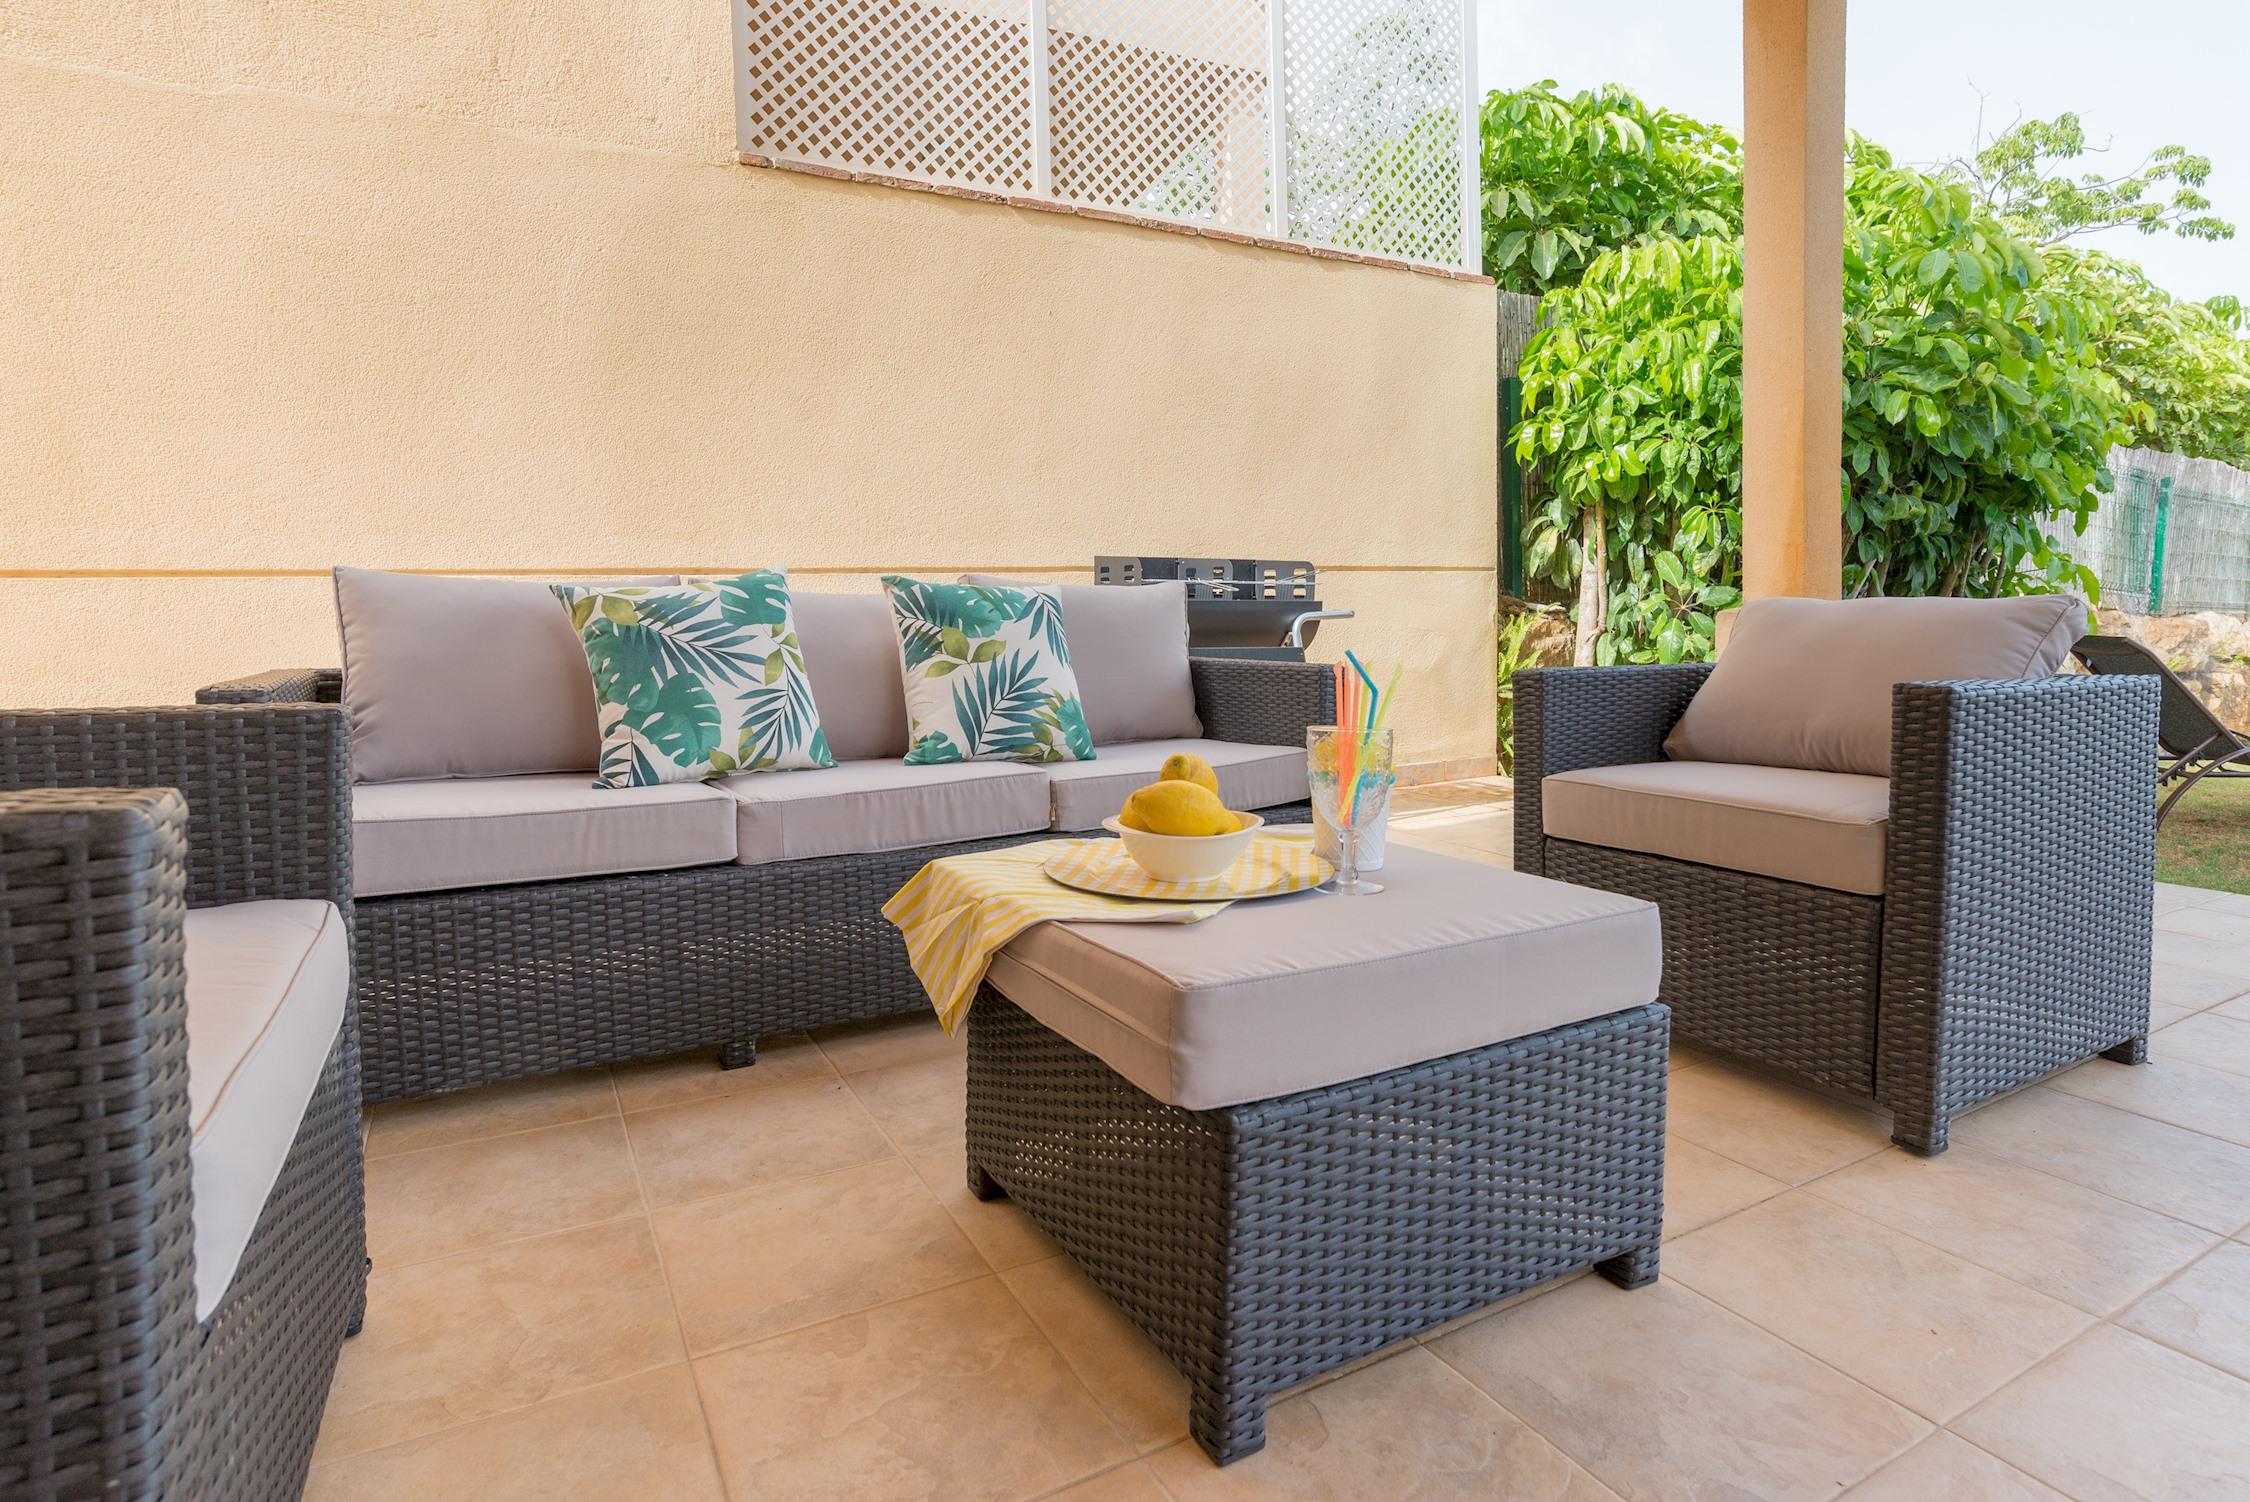 Apartment MalagaSuite Private Deluxe Villa photo 20498687